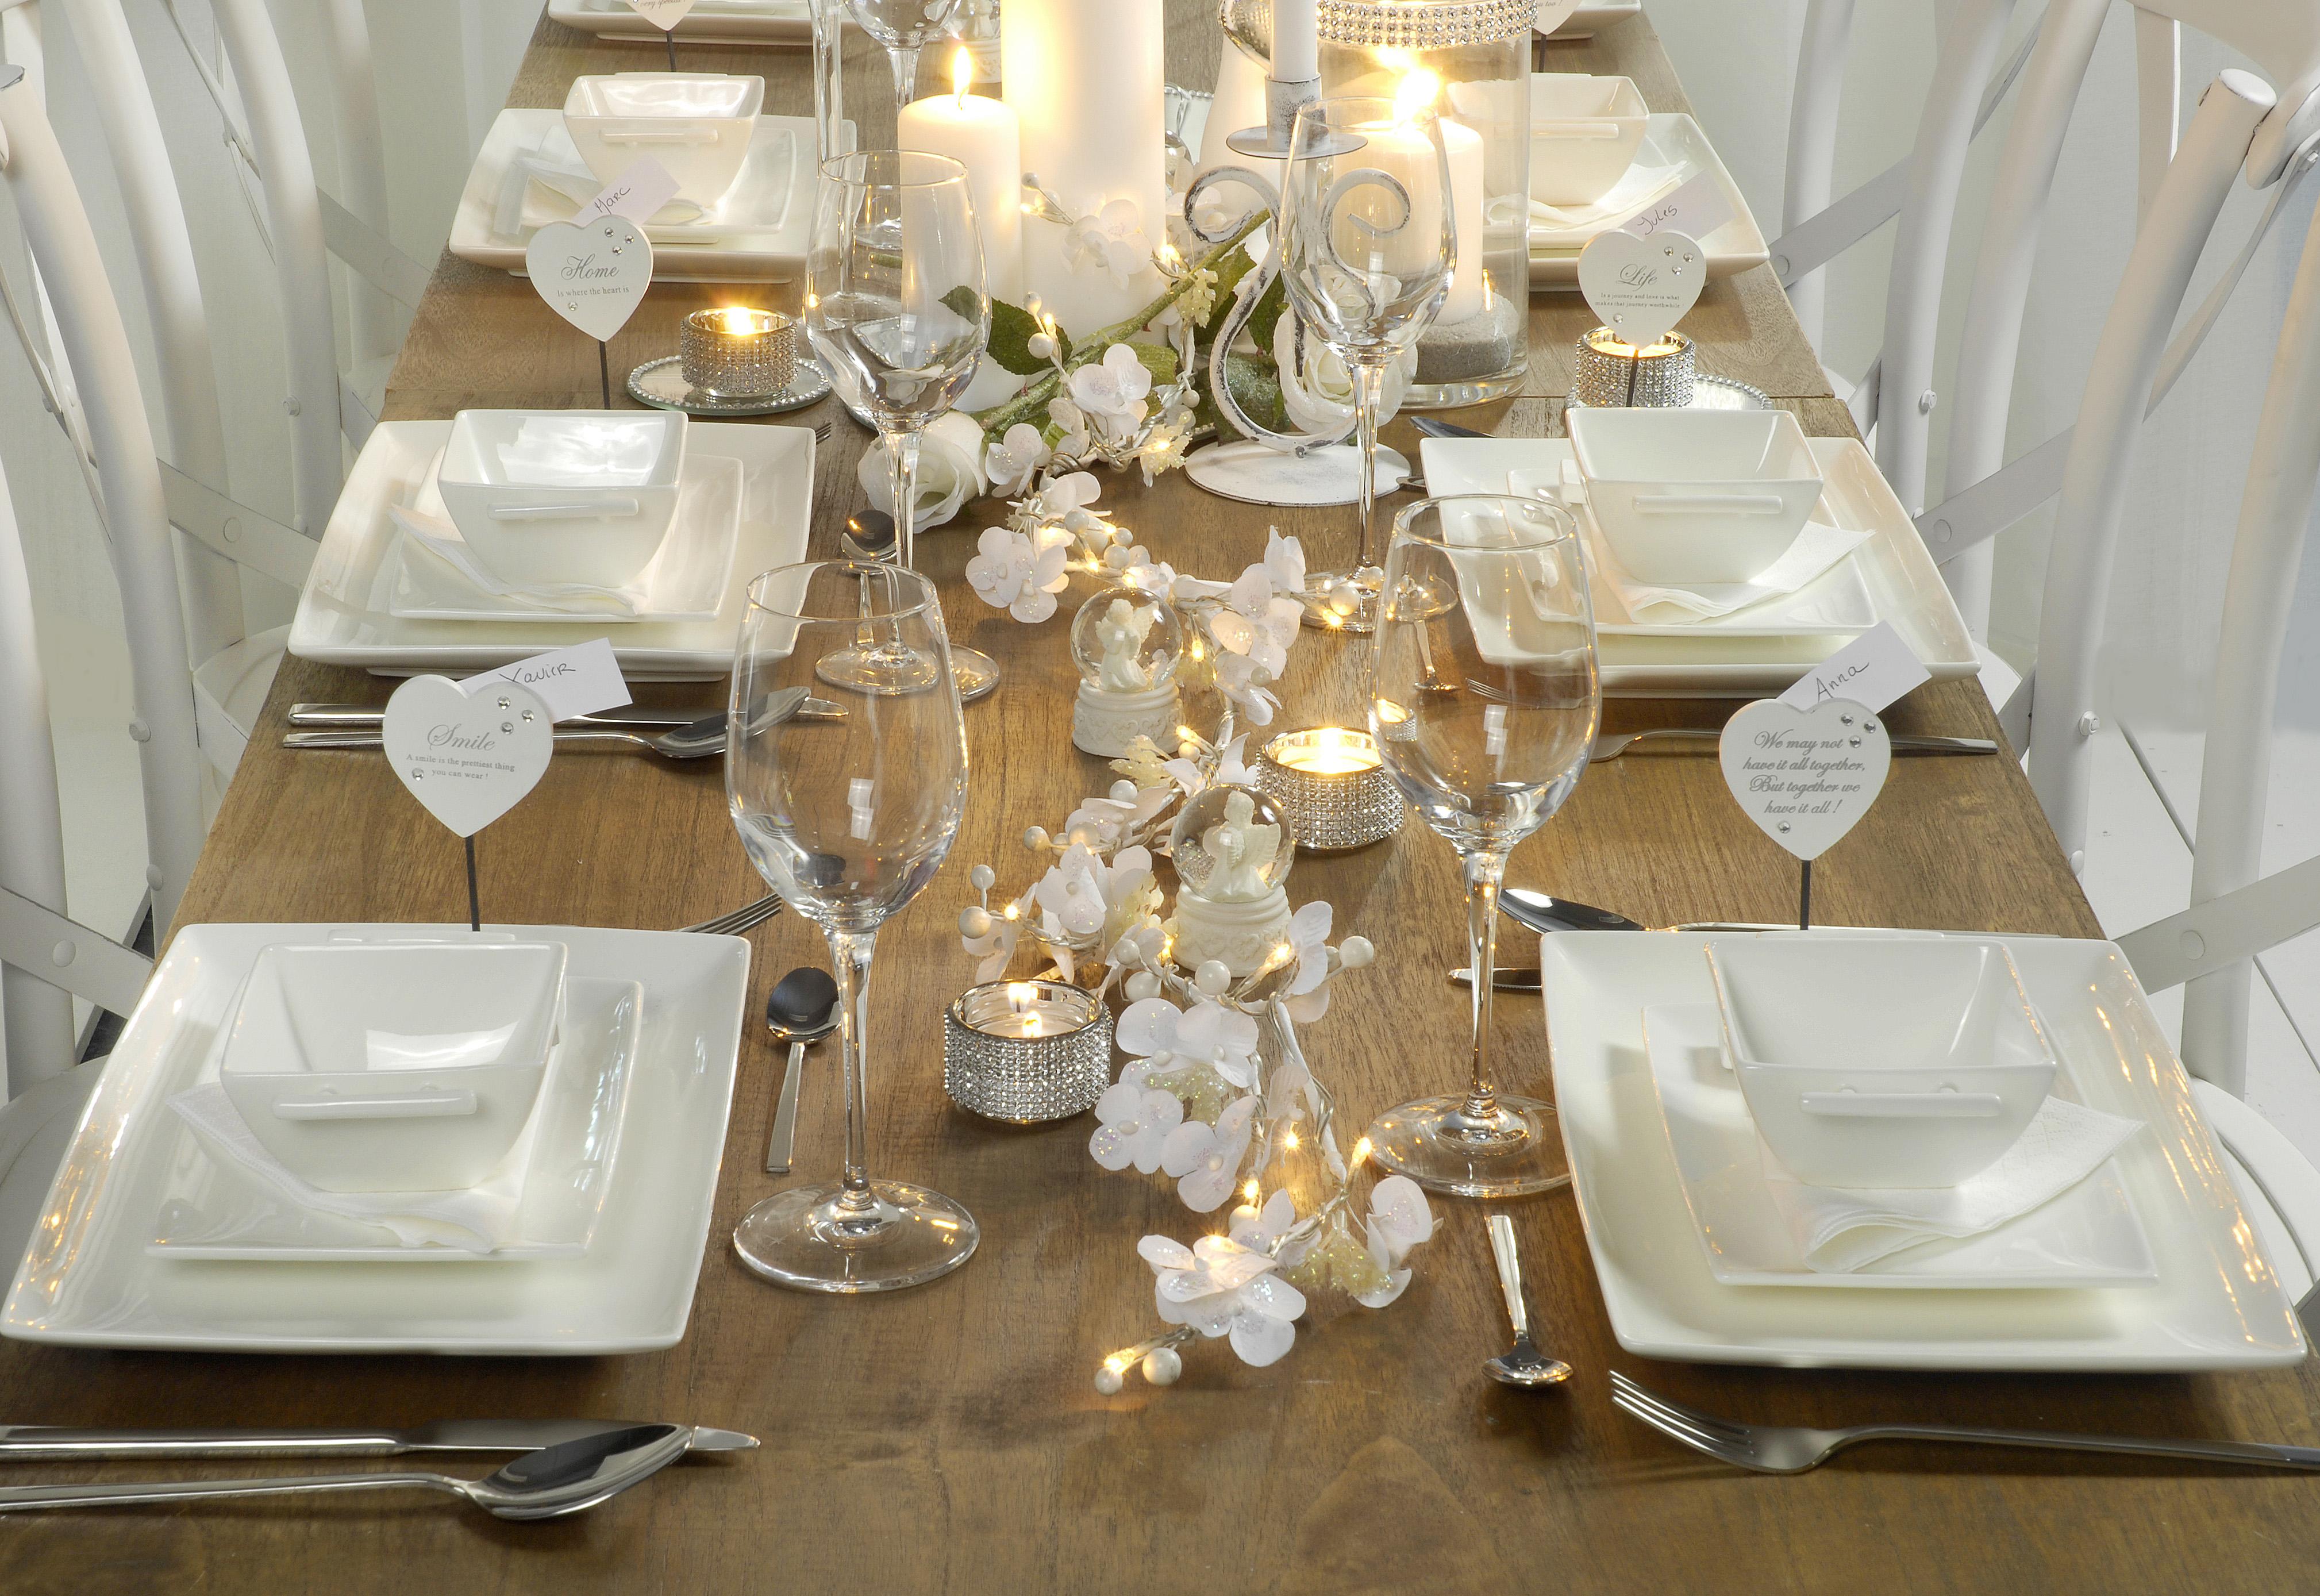 Apparecchiare tavola natale 2013 6 design mon amour - Idee cucina per natale ...